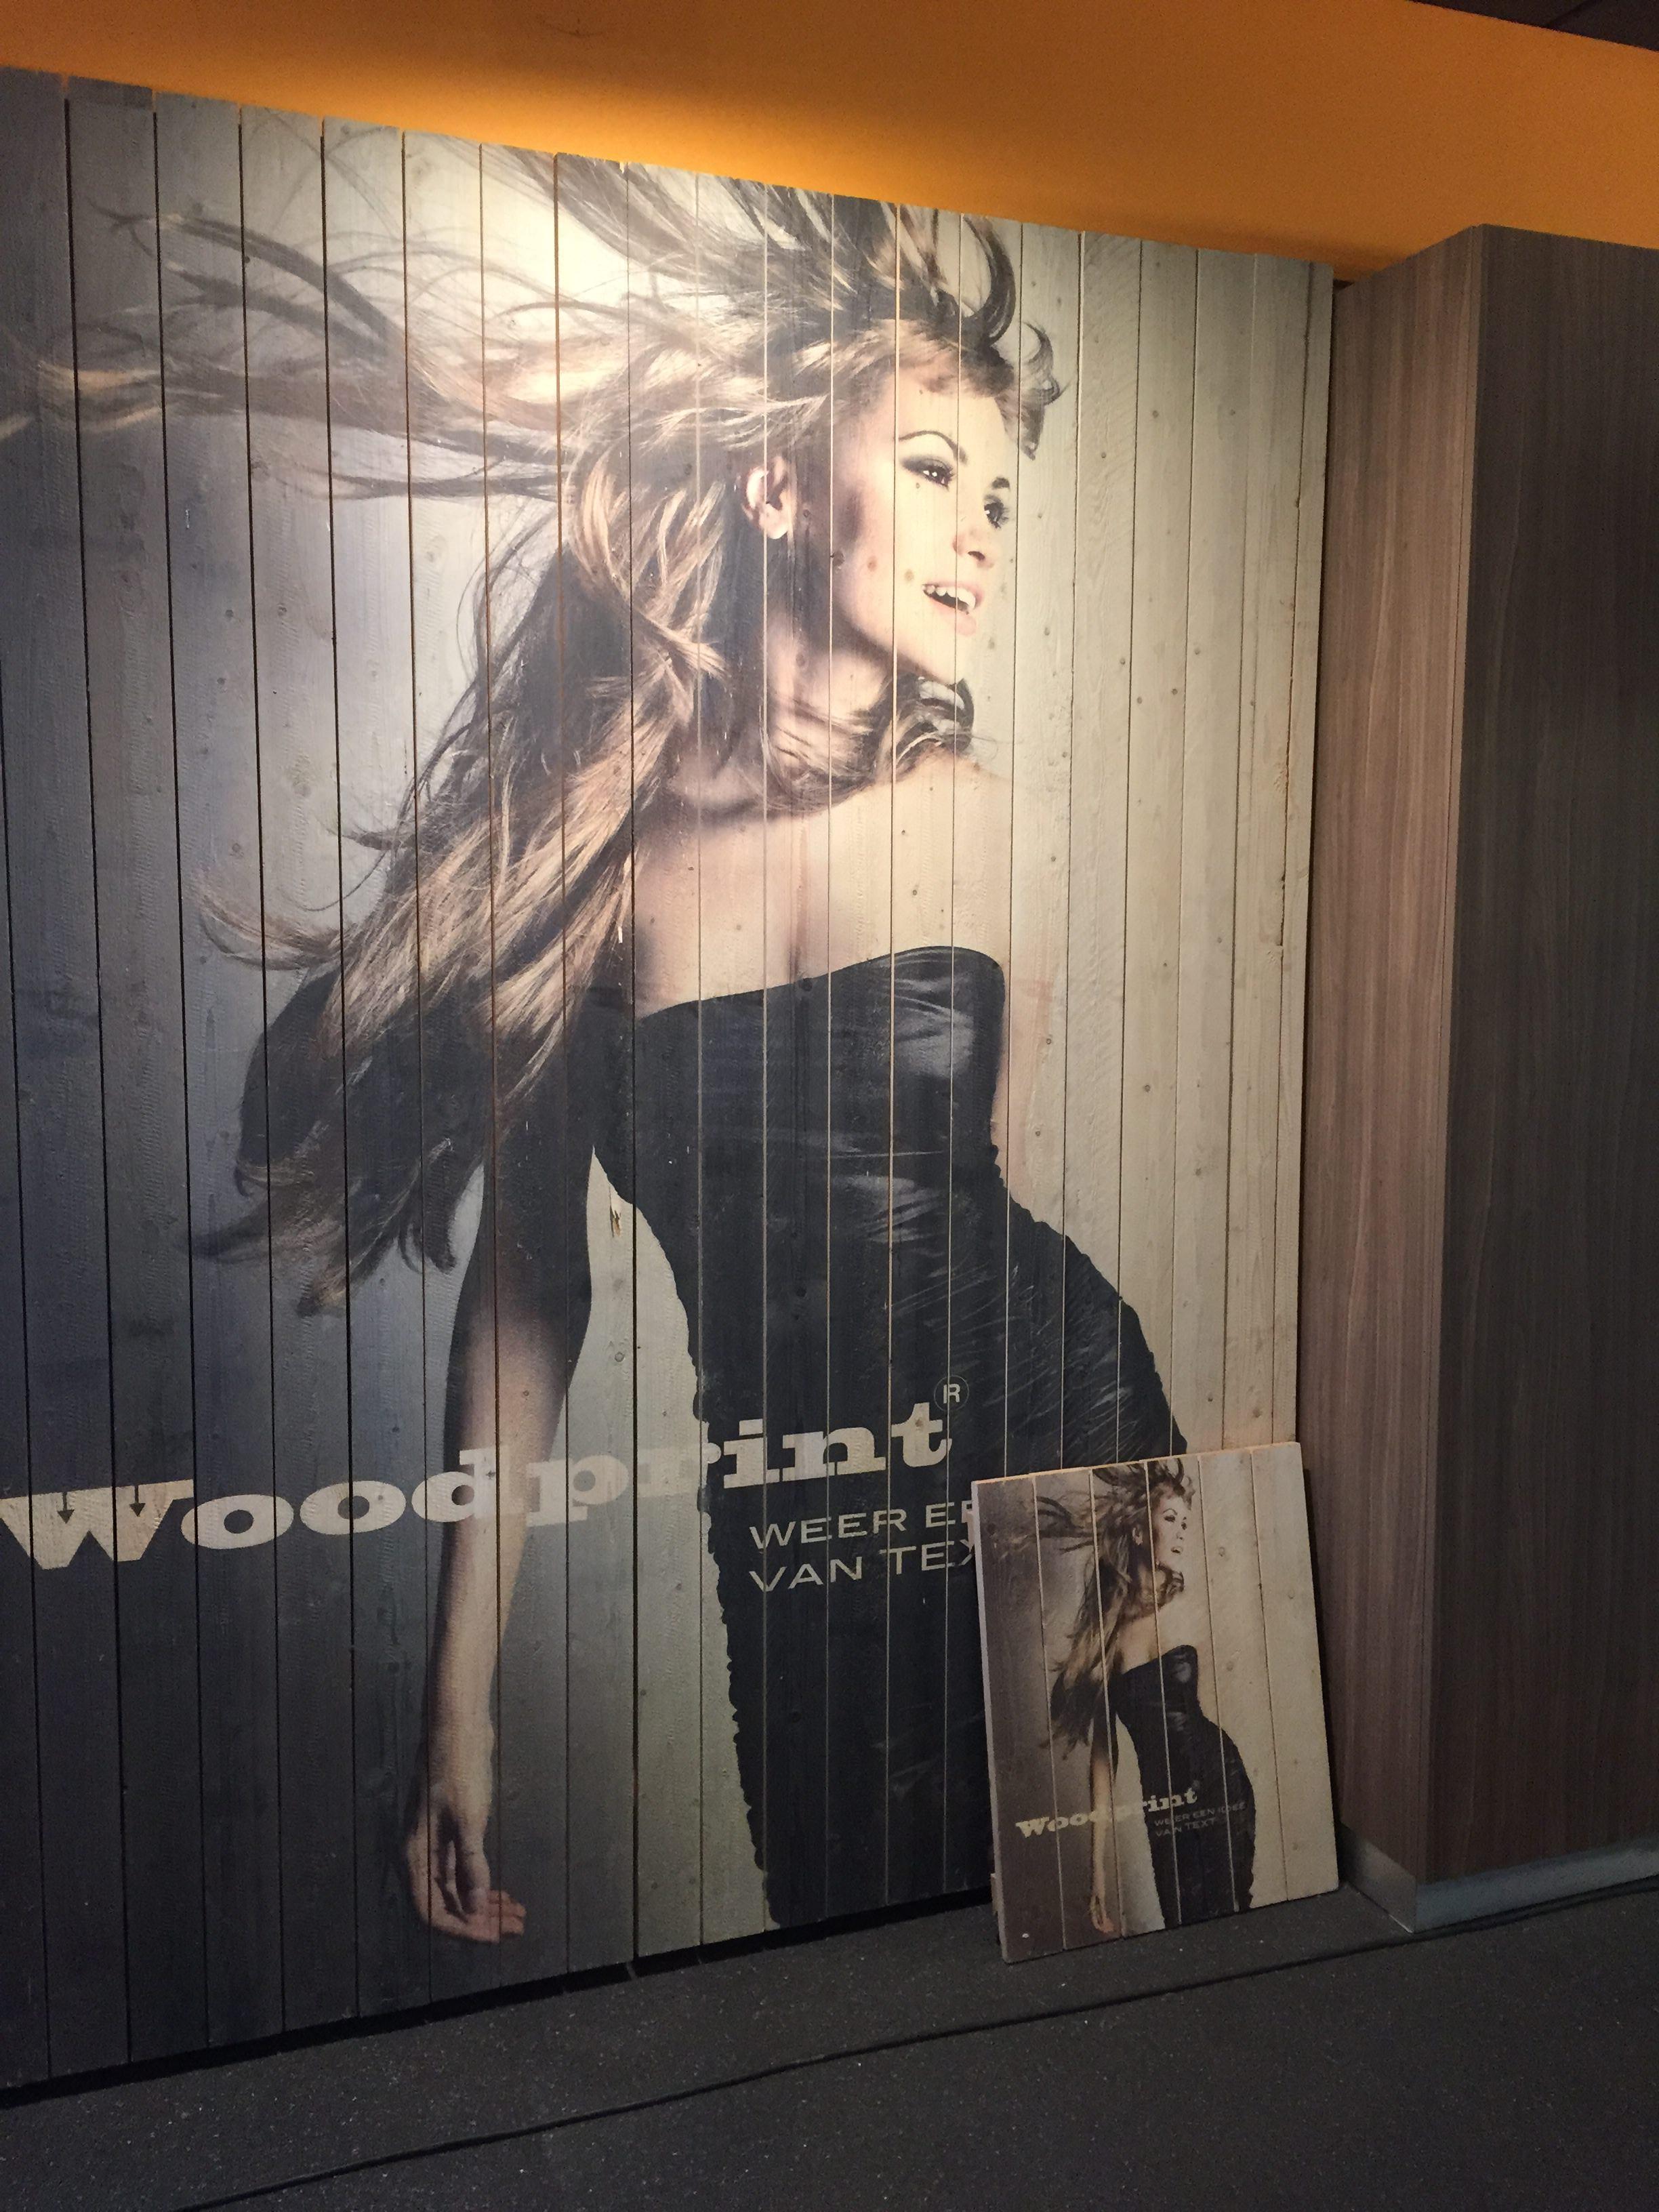 Woodprint: een kijkje in de keuken van rolf lebbink